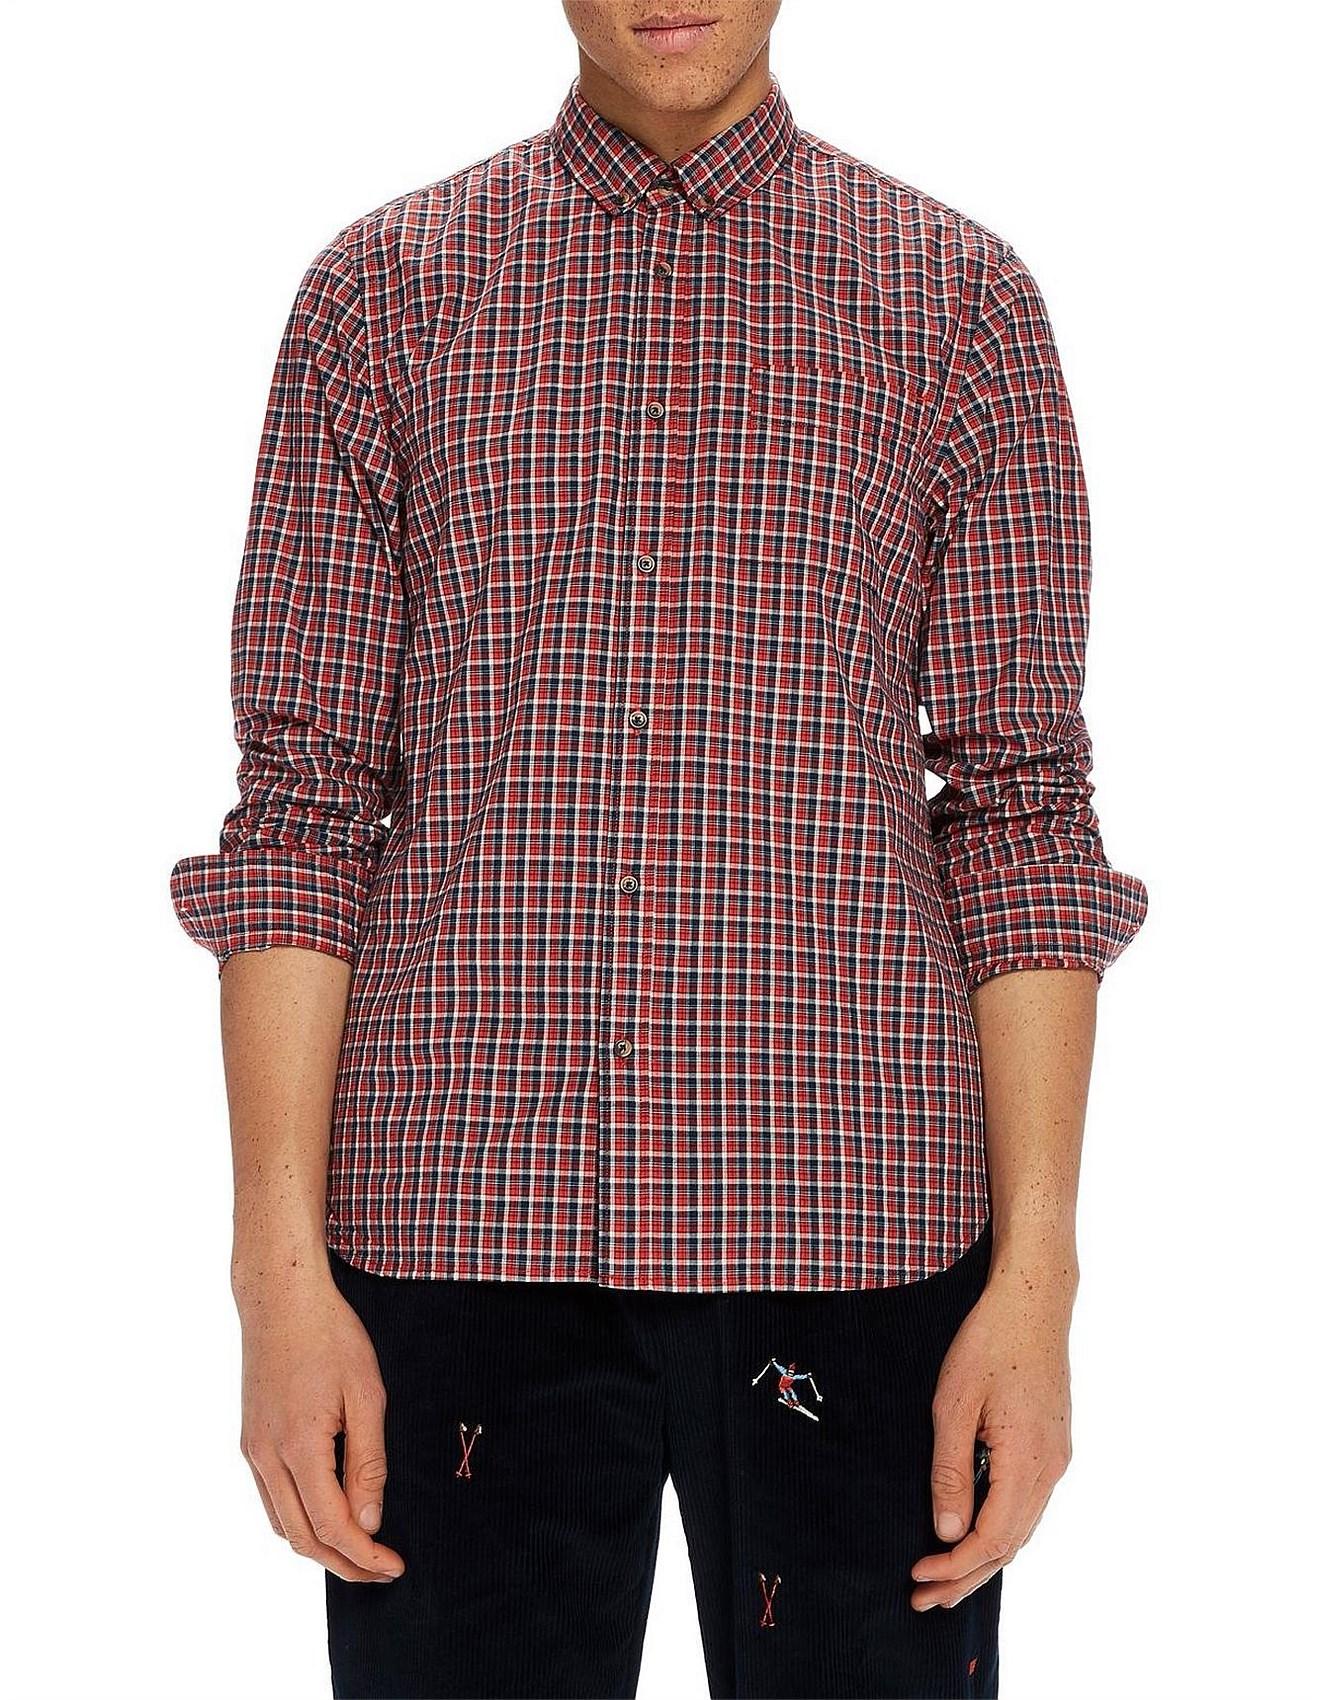 21cc4c1297 Men's Fashion Sale | Suits, Business Shirts & More | David Jones - REGULAR  FIT Multicoloured check shirt